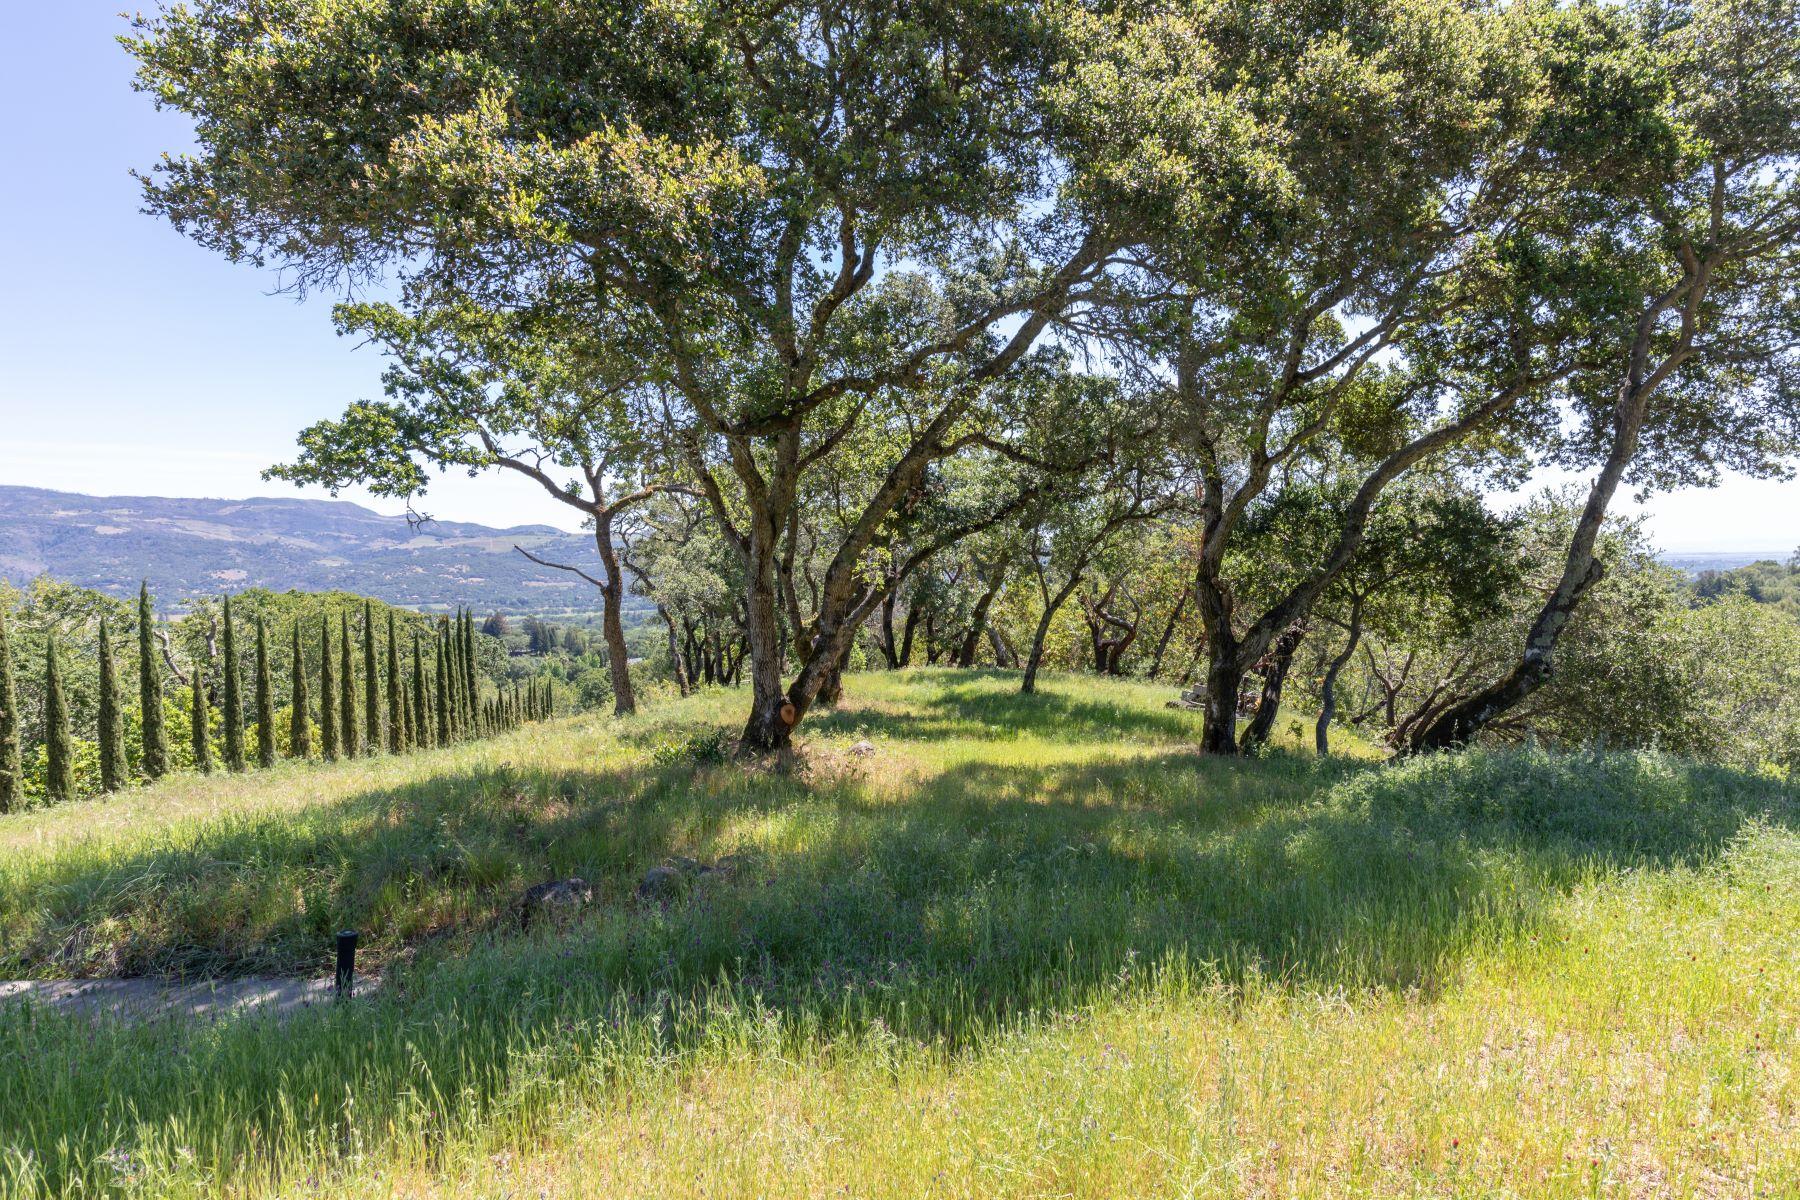 土地,用地 为 销售 在 20 +/- Acres on Sobre Vista 0 High Grove 索诺玛, 加利福尼亚州 95476 美国